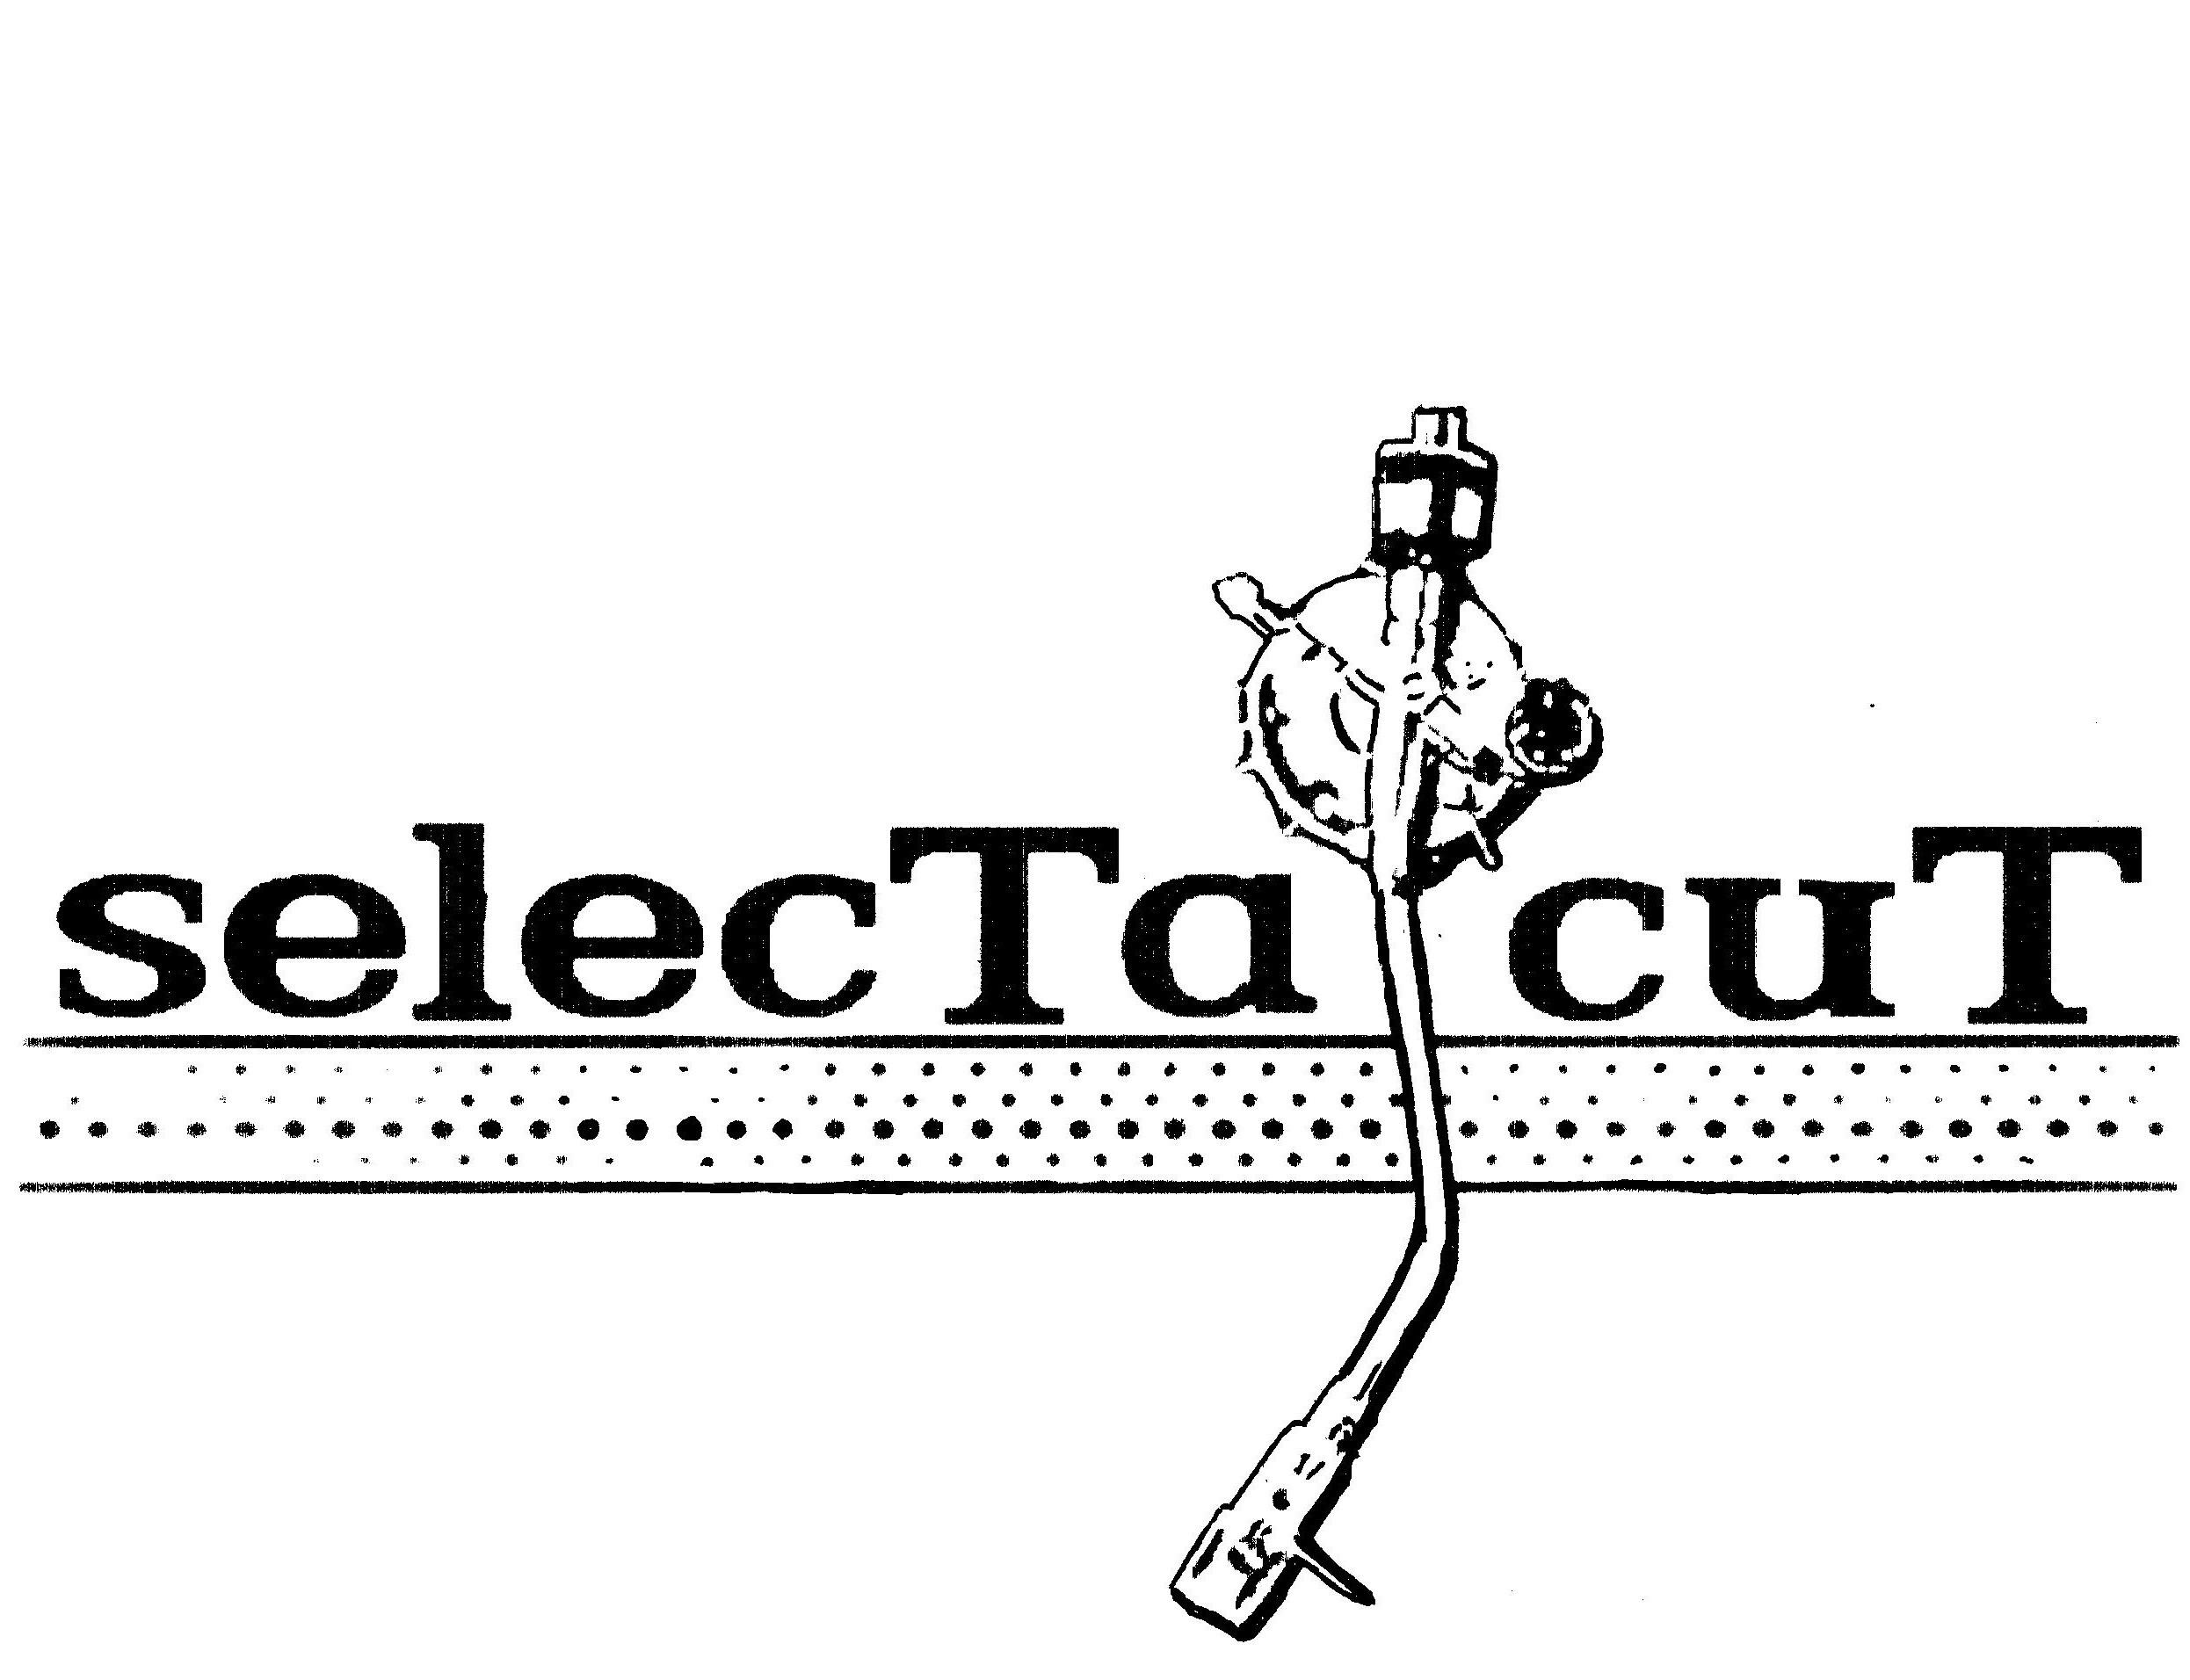 www.dubmusic.com